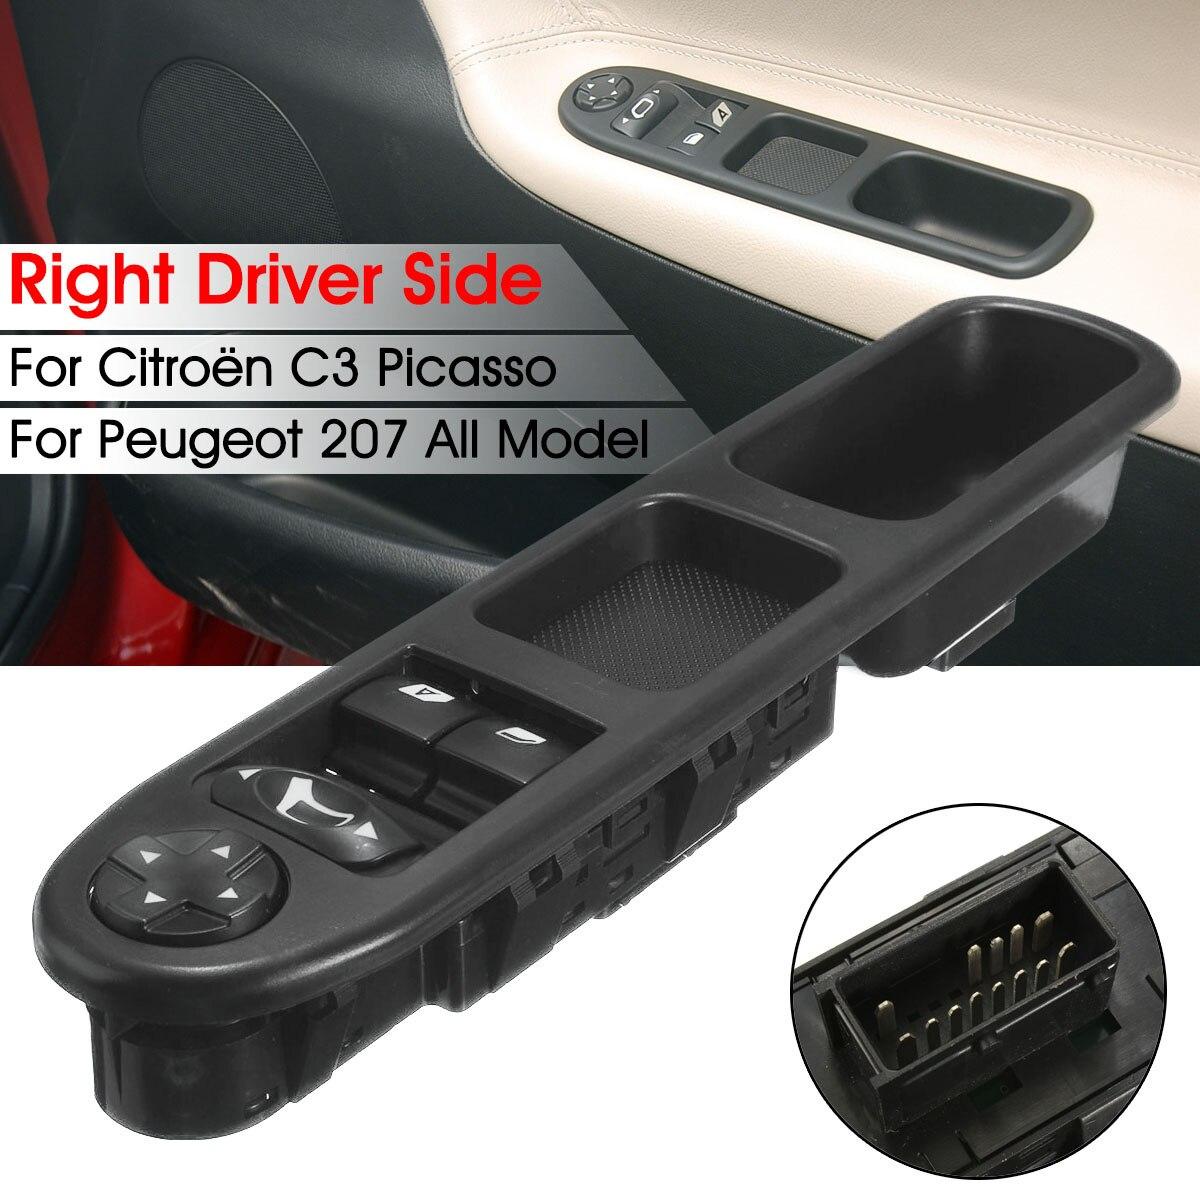 6554.QC przedni lewy przełącznik sterowania mocą po stronie kierowcy 6554QC dla Peugeot 207 dla Citroen C3 Picasso 2007-2014